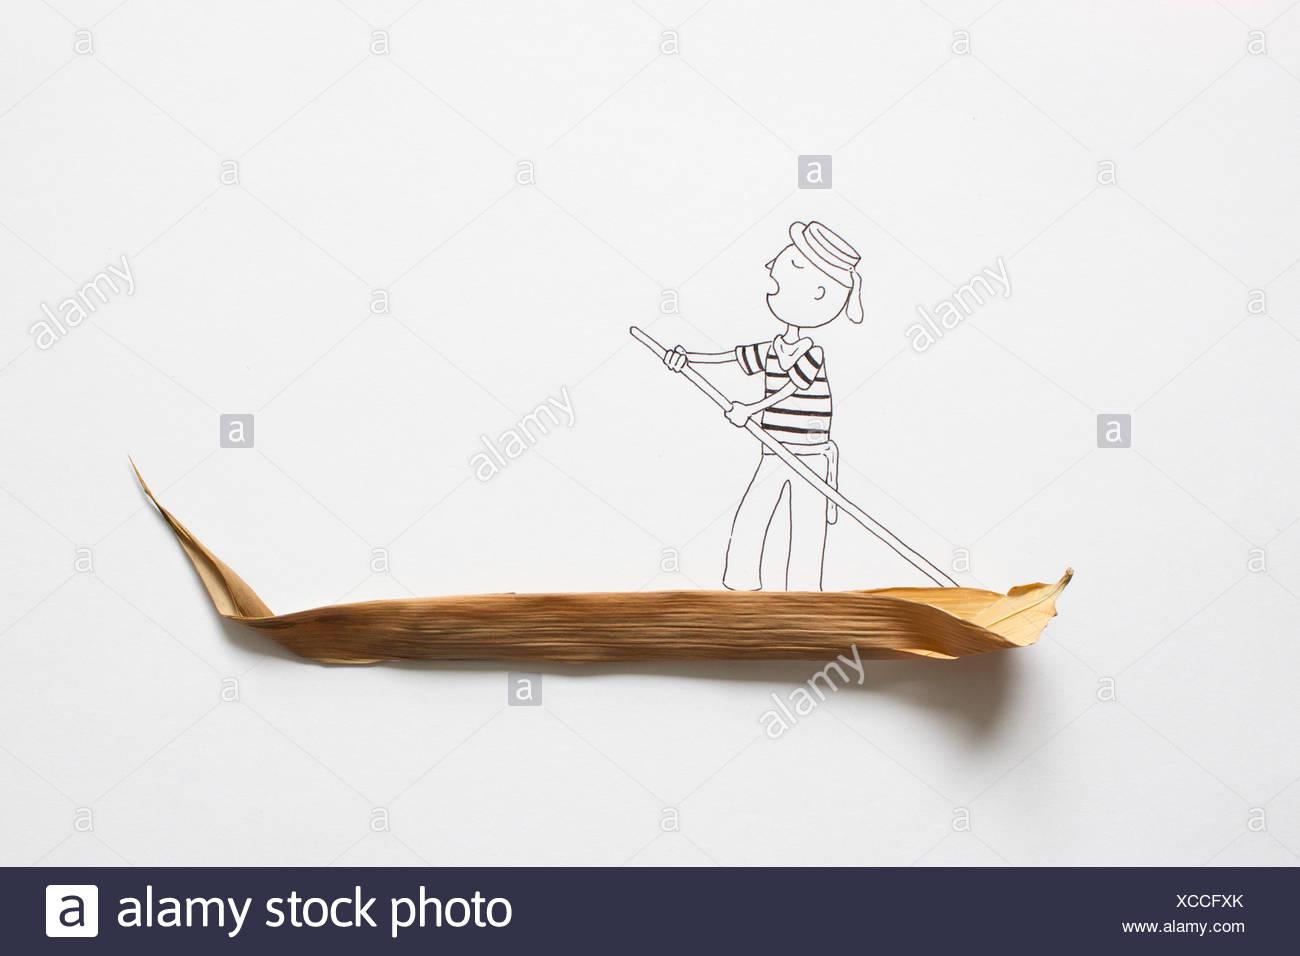 Conceptual gondolier on gondola - Stock Image